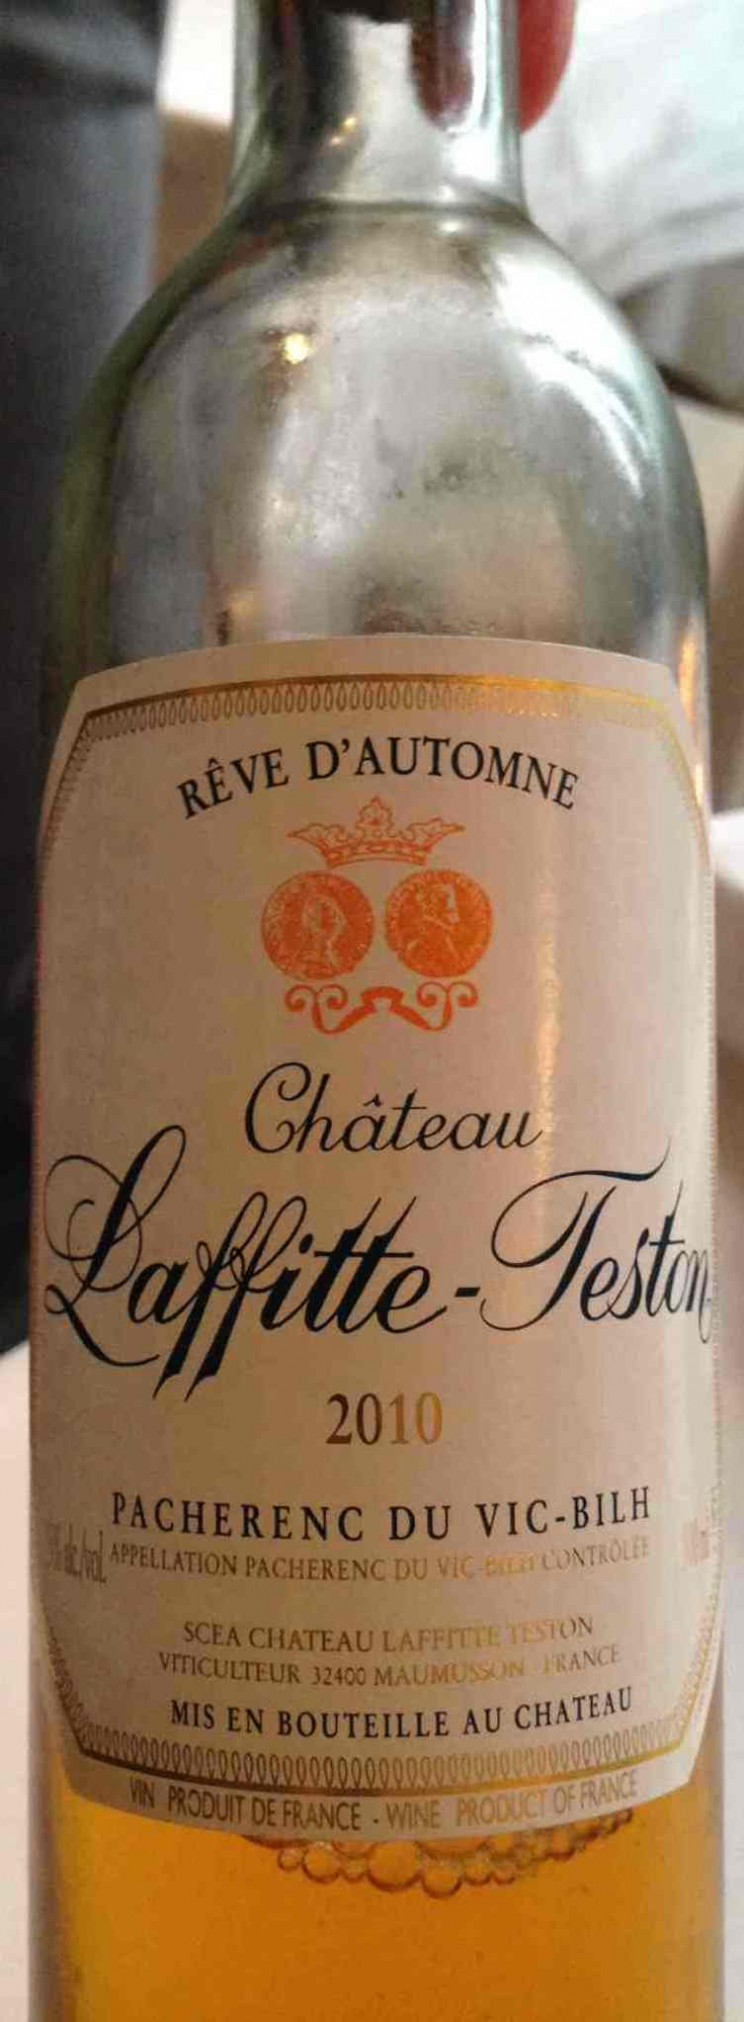 Pacherenc du Vic-Bilh 2010 Reve d'Automne, Chateau Laffitte-Teston